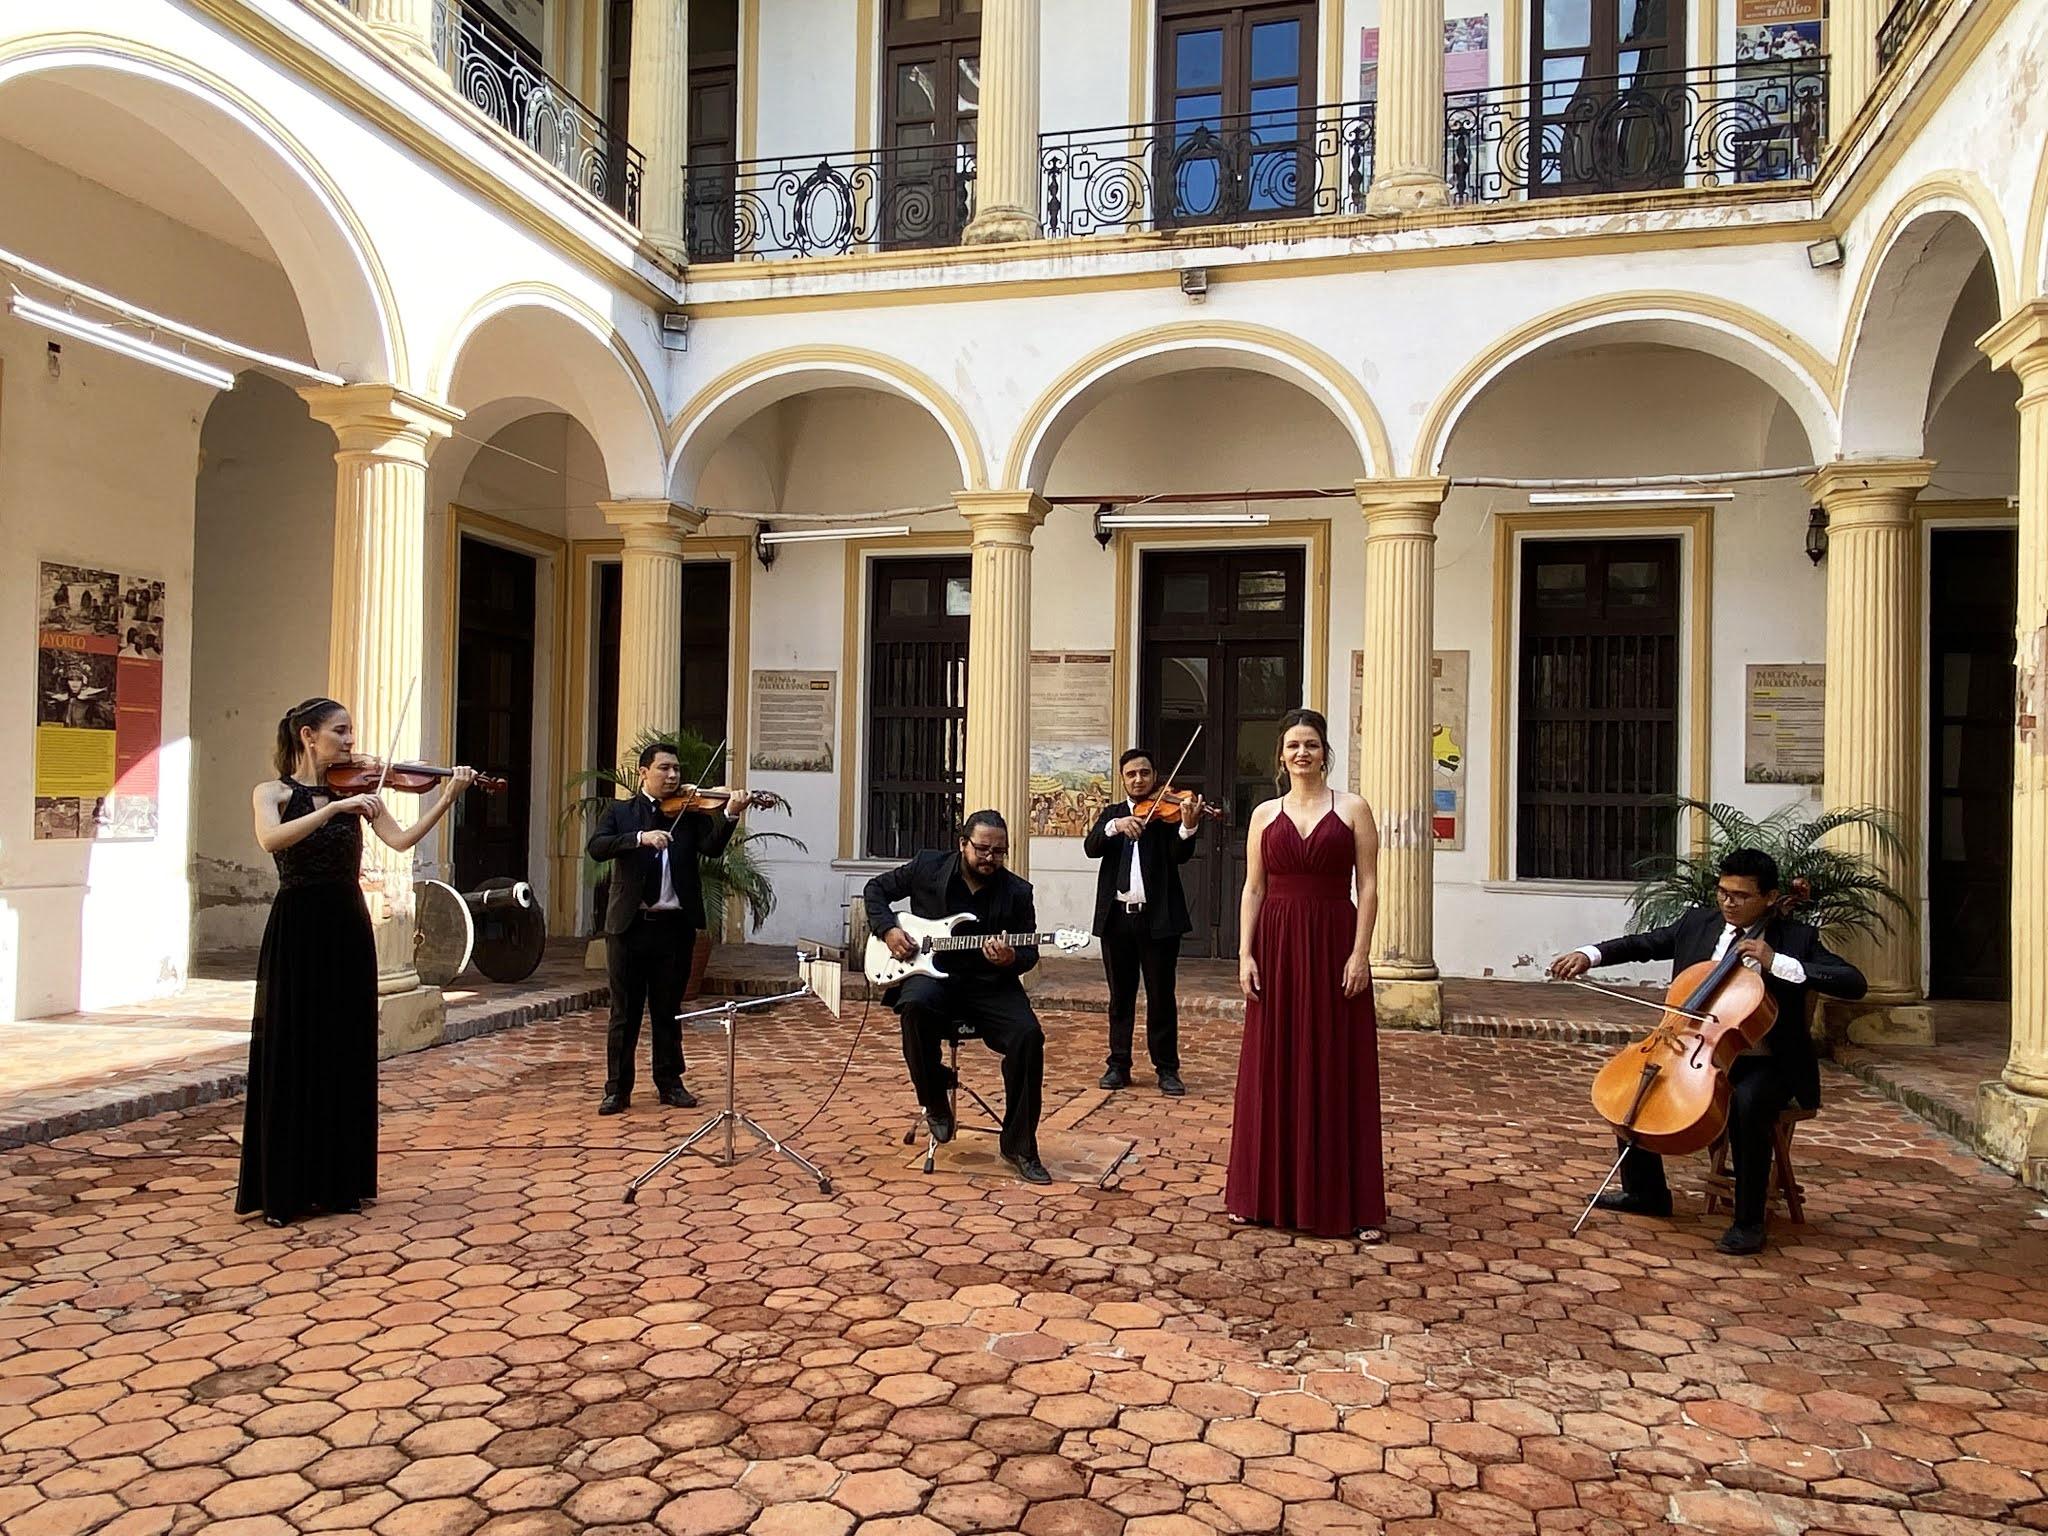 El concierto fue filmado en lugares emblemáticos de Santa Cruz. En total se presentarán 10 canciones / FILARMÓNICA SANTA CRUZ